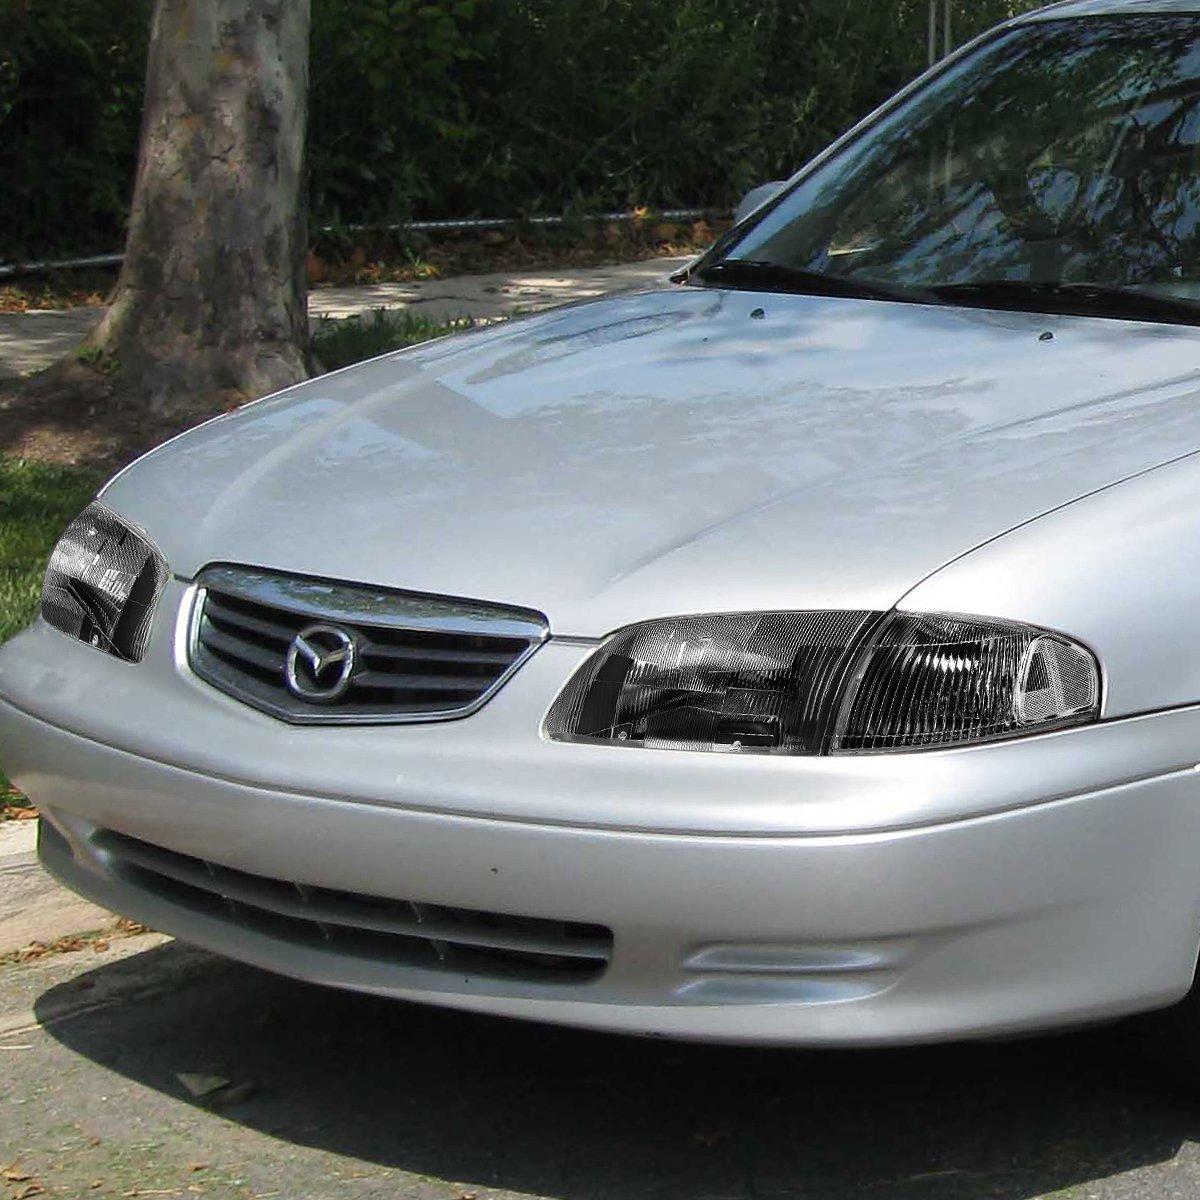 For 98-99 Mazda 626 DNA Motoring HL-OH-063-BK-CL1 Black Housing Headlights+Corner Lights